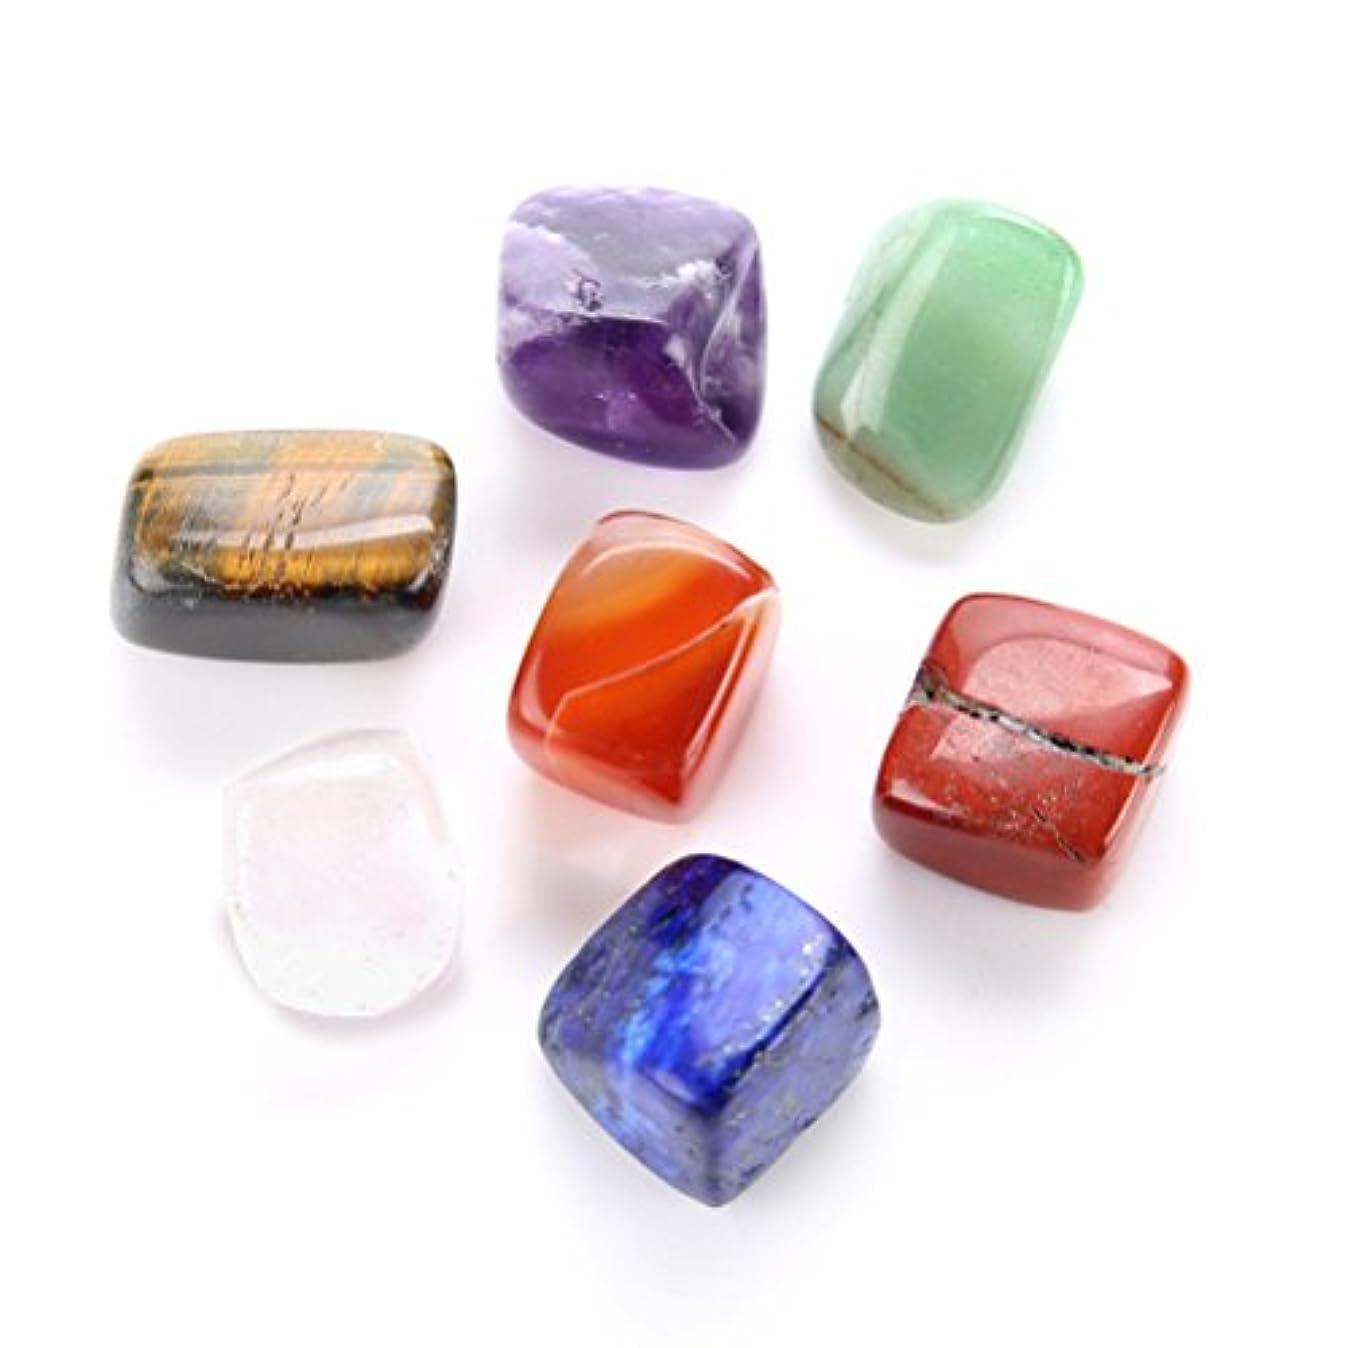 所有者含める表現ROSENICE 癒しのクリスタル7チャクラの宝石と心配の石を接地するためにバランスをとる瞑想レイキ